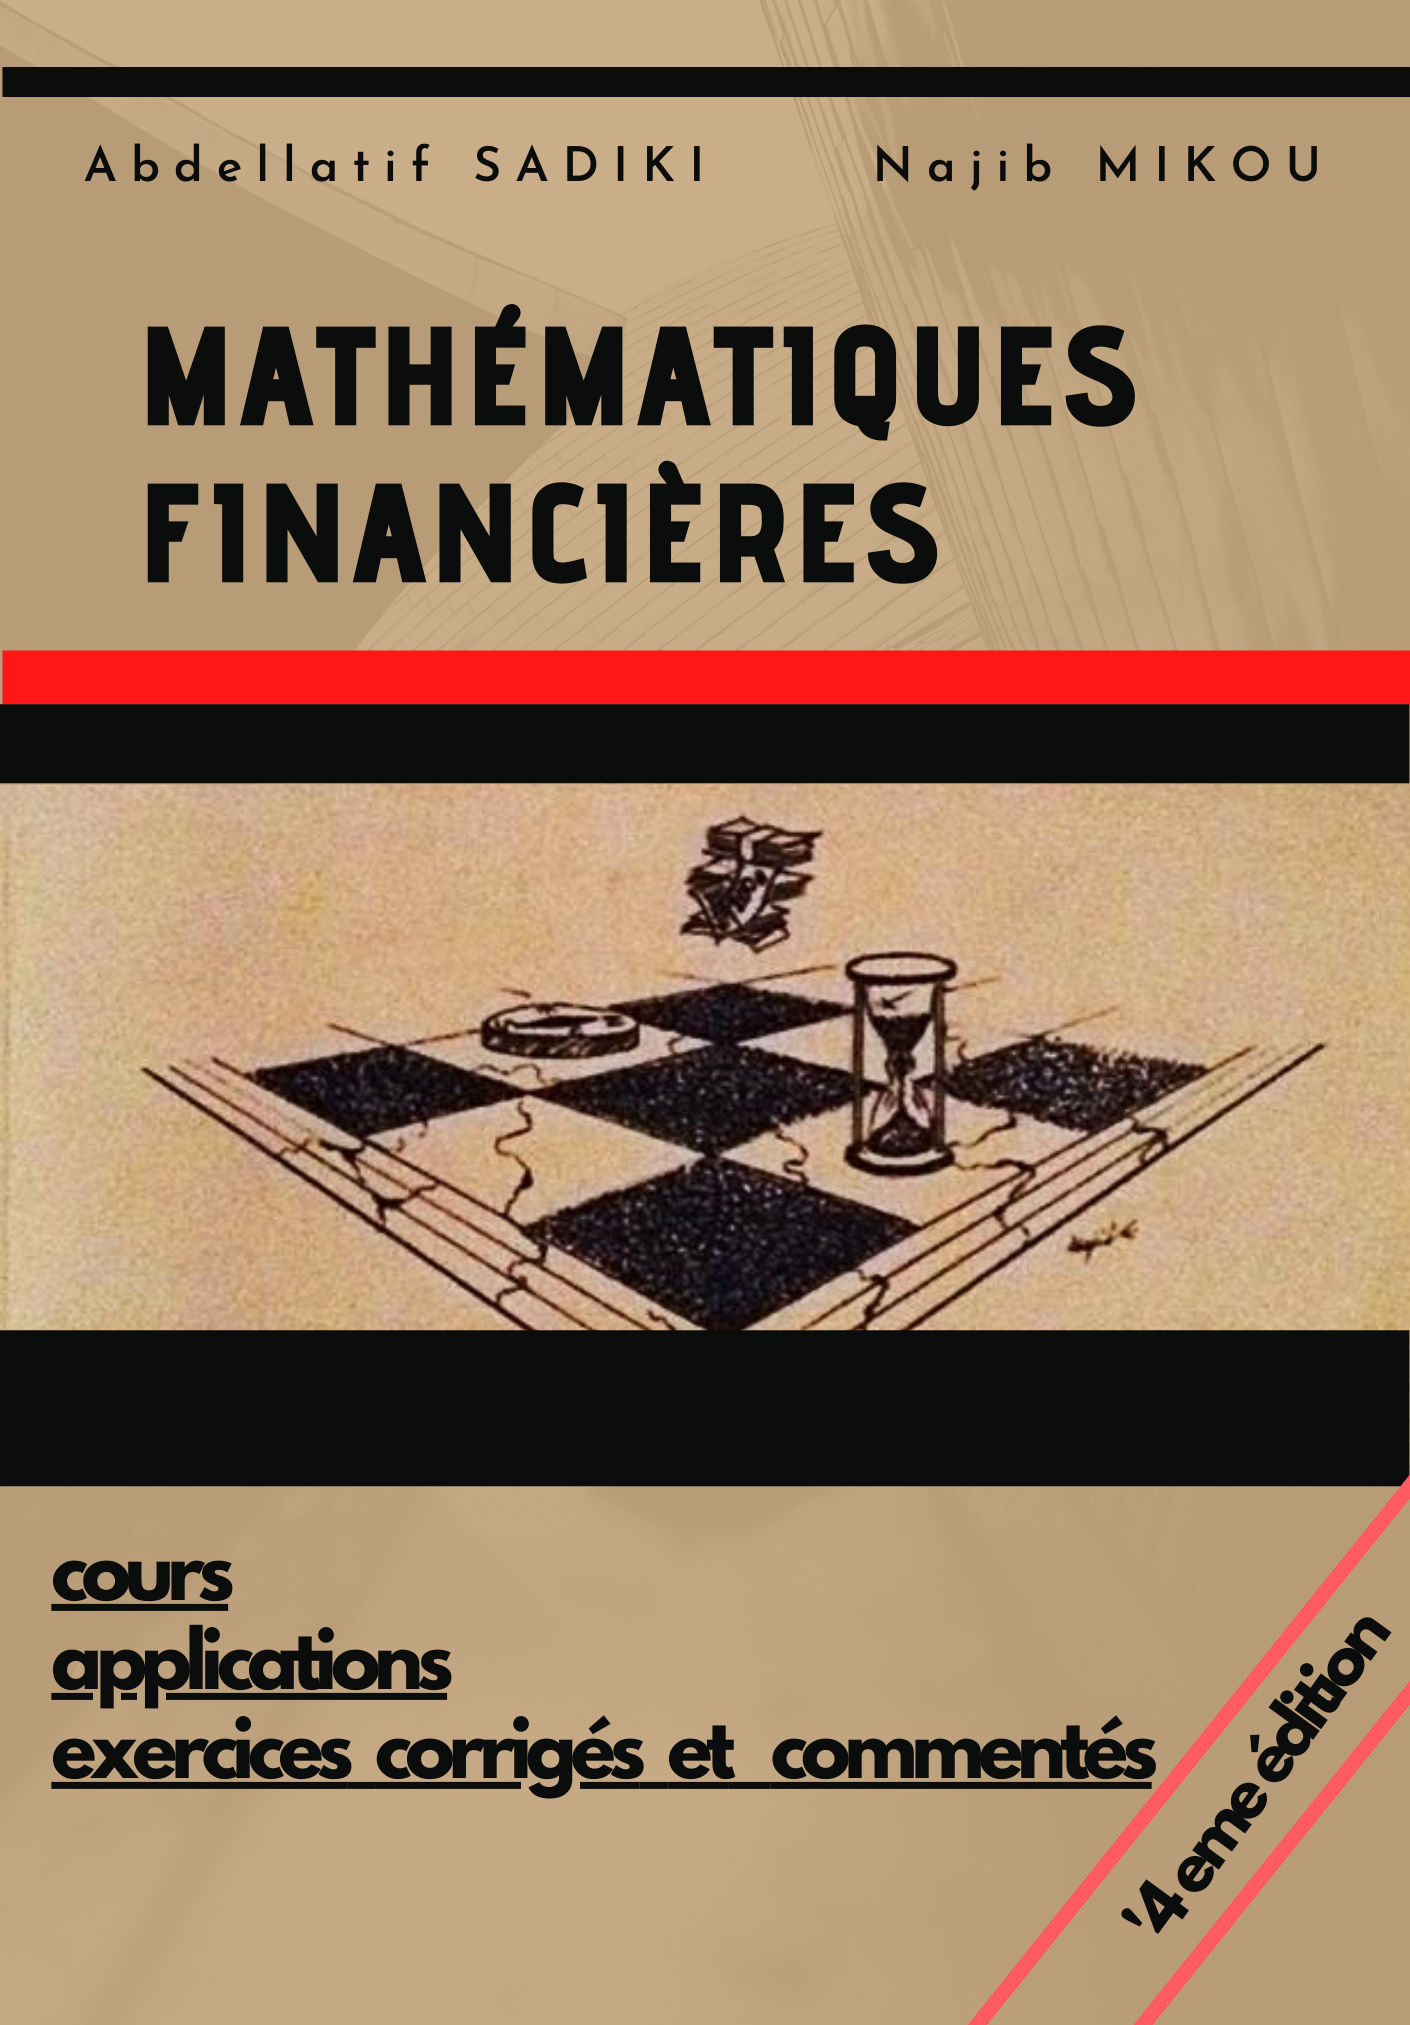 Livre De Mathematiques Financieres Exercices Corriges Pdf Sadiki Mathematiques Financieres Comptabilite De Gestion Exercices Mathematiques